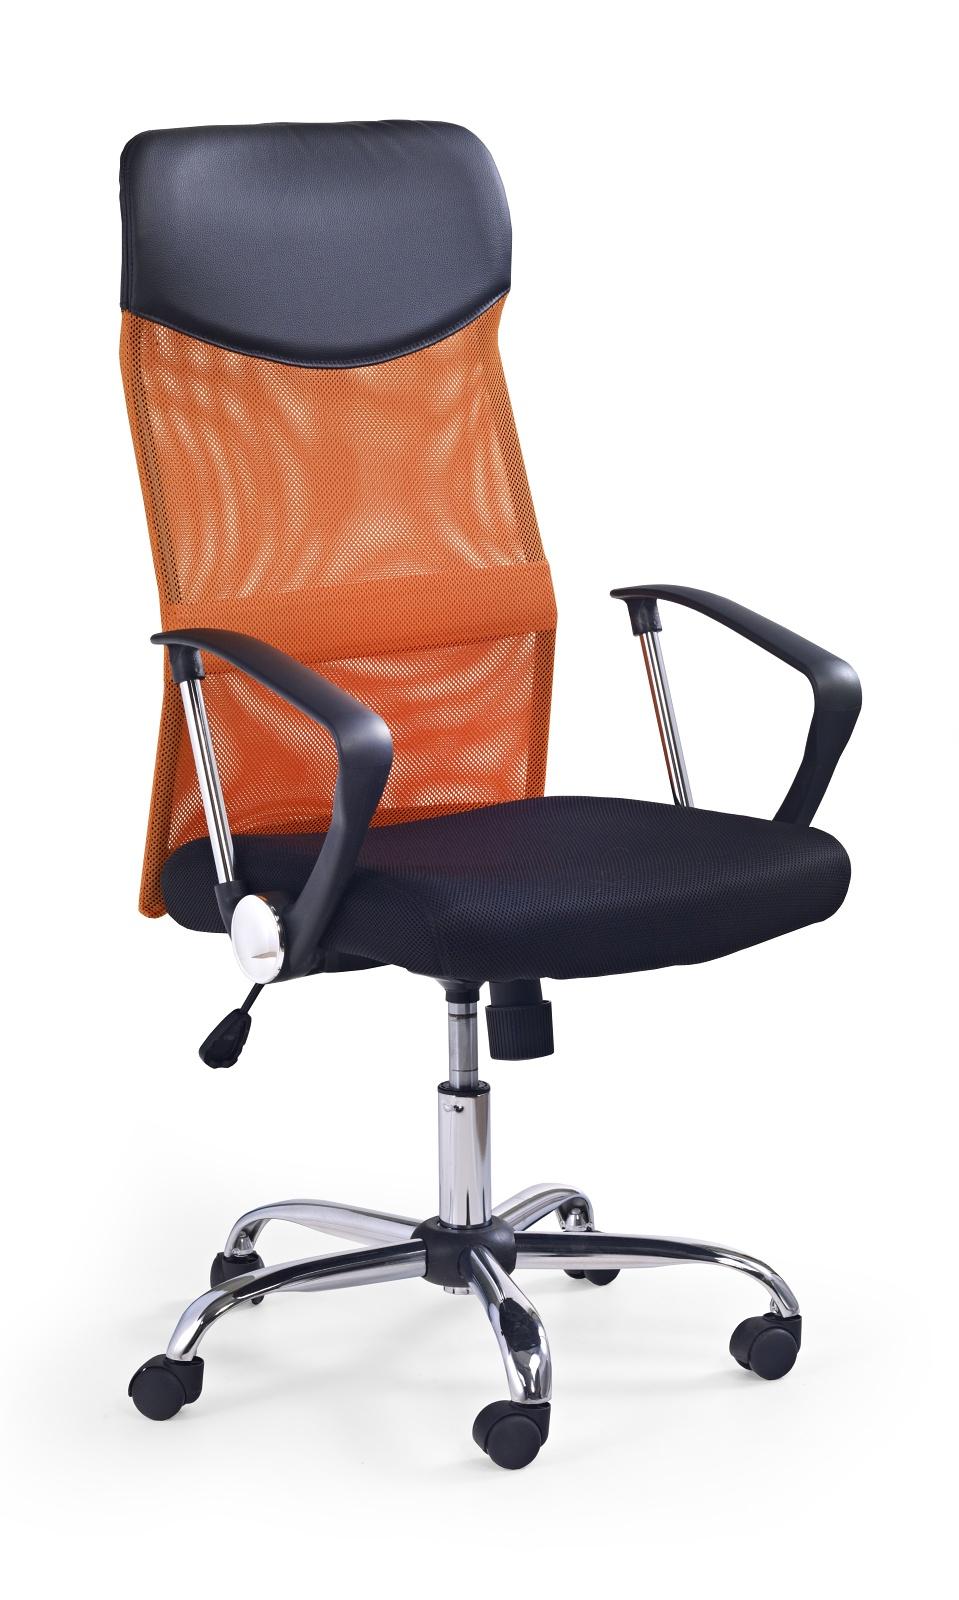 Kancelářská židle - Halmar - Vire pomerančová